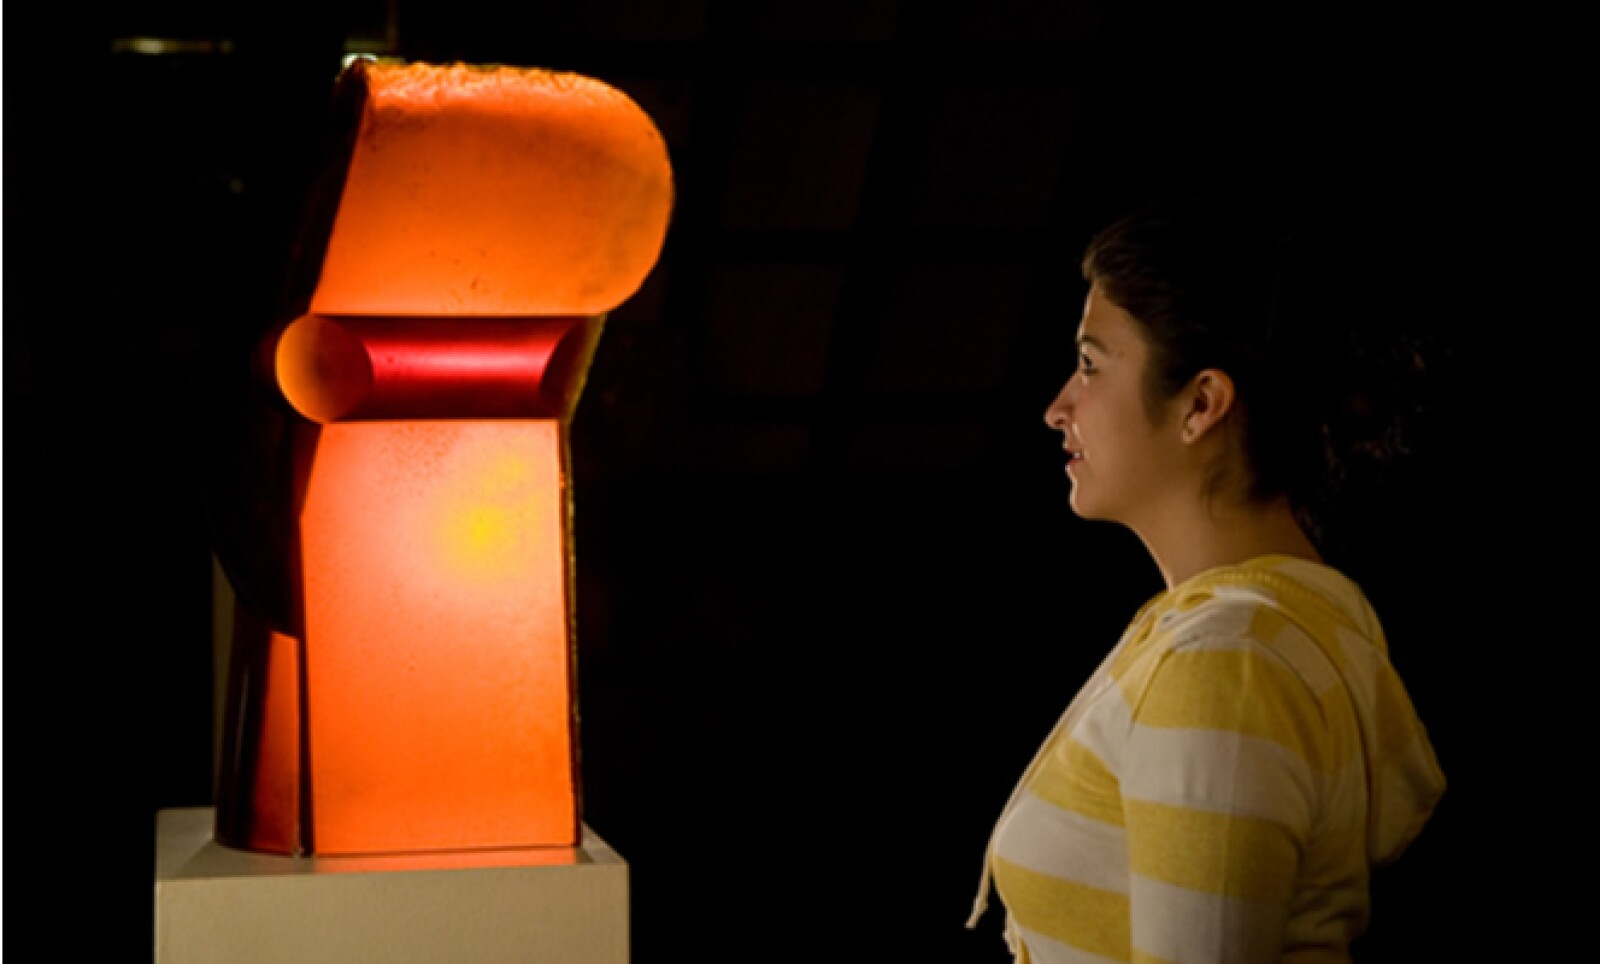 """Pieza titulada """"Reina"""" (República Checa, 1991), hecha por Stanislav Libensky y Jaroslava Brychtova, utilizando técnicas de vidrio vaciado y pulido."""